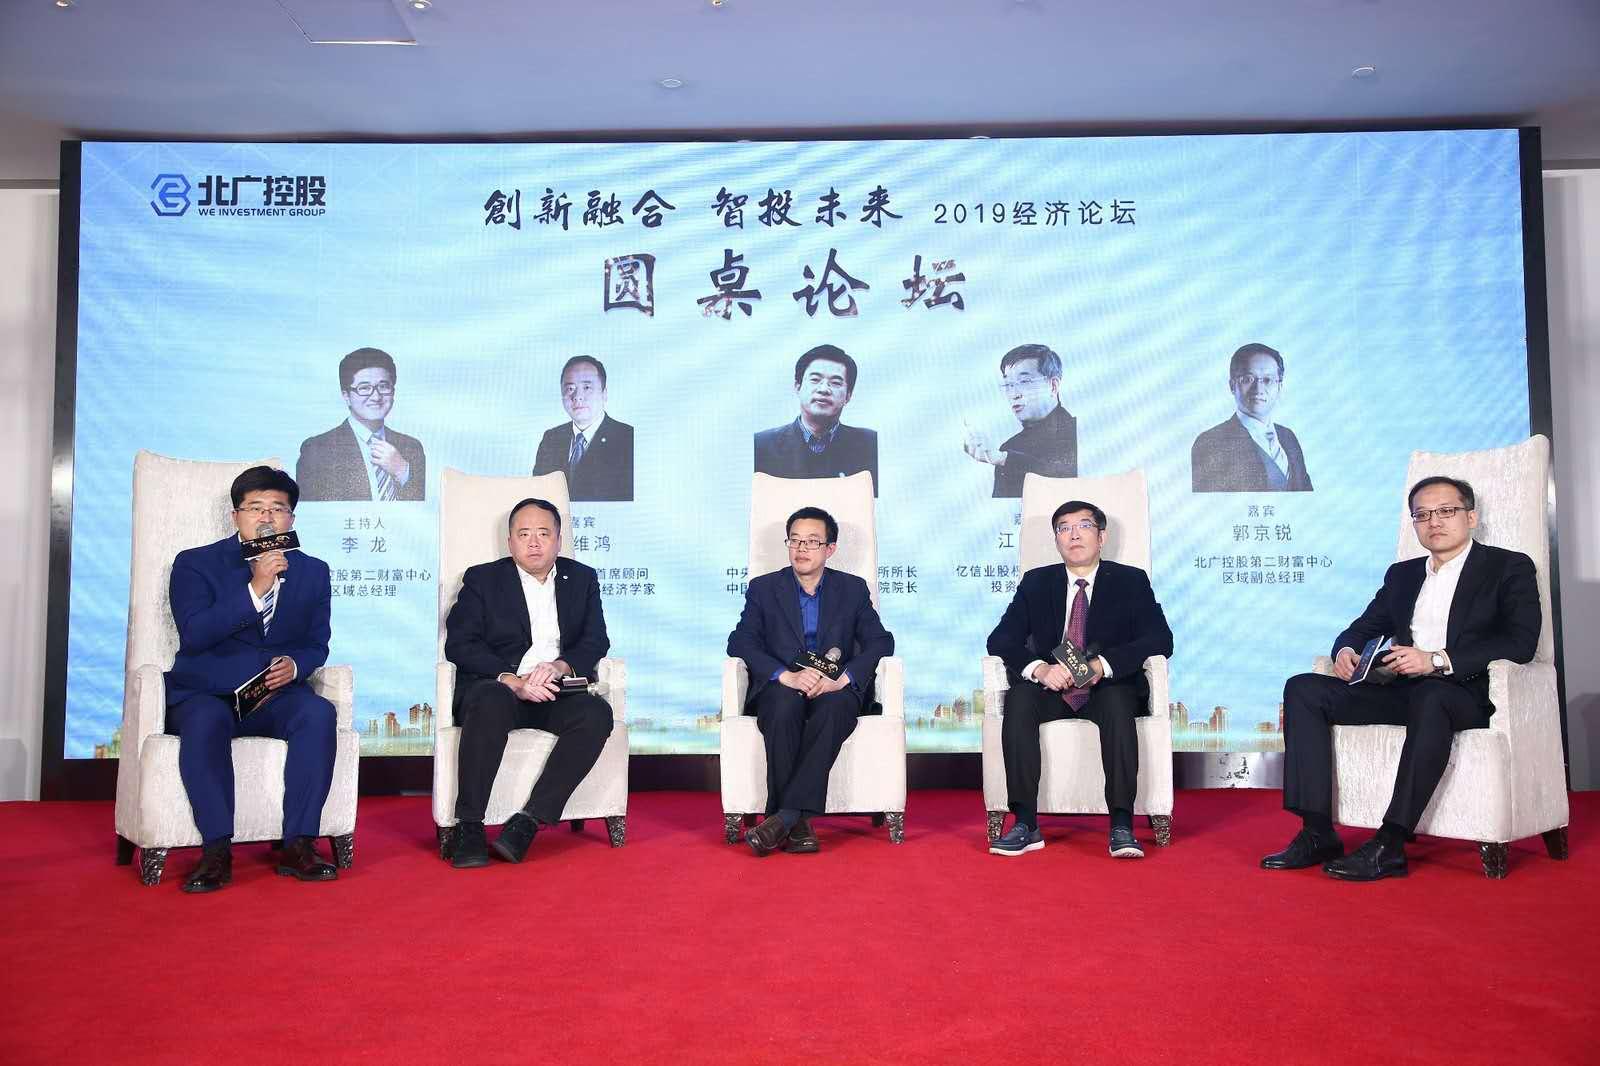 圆桌论坛:新兴产业和新经济领域蕴含投资机会